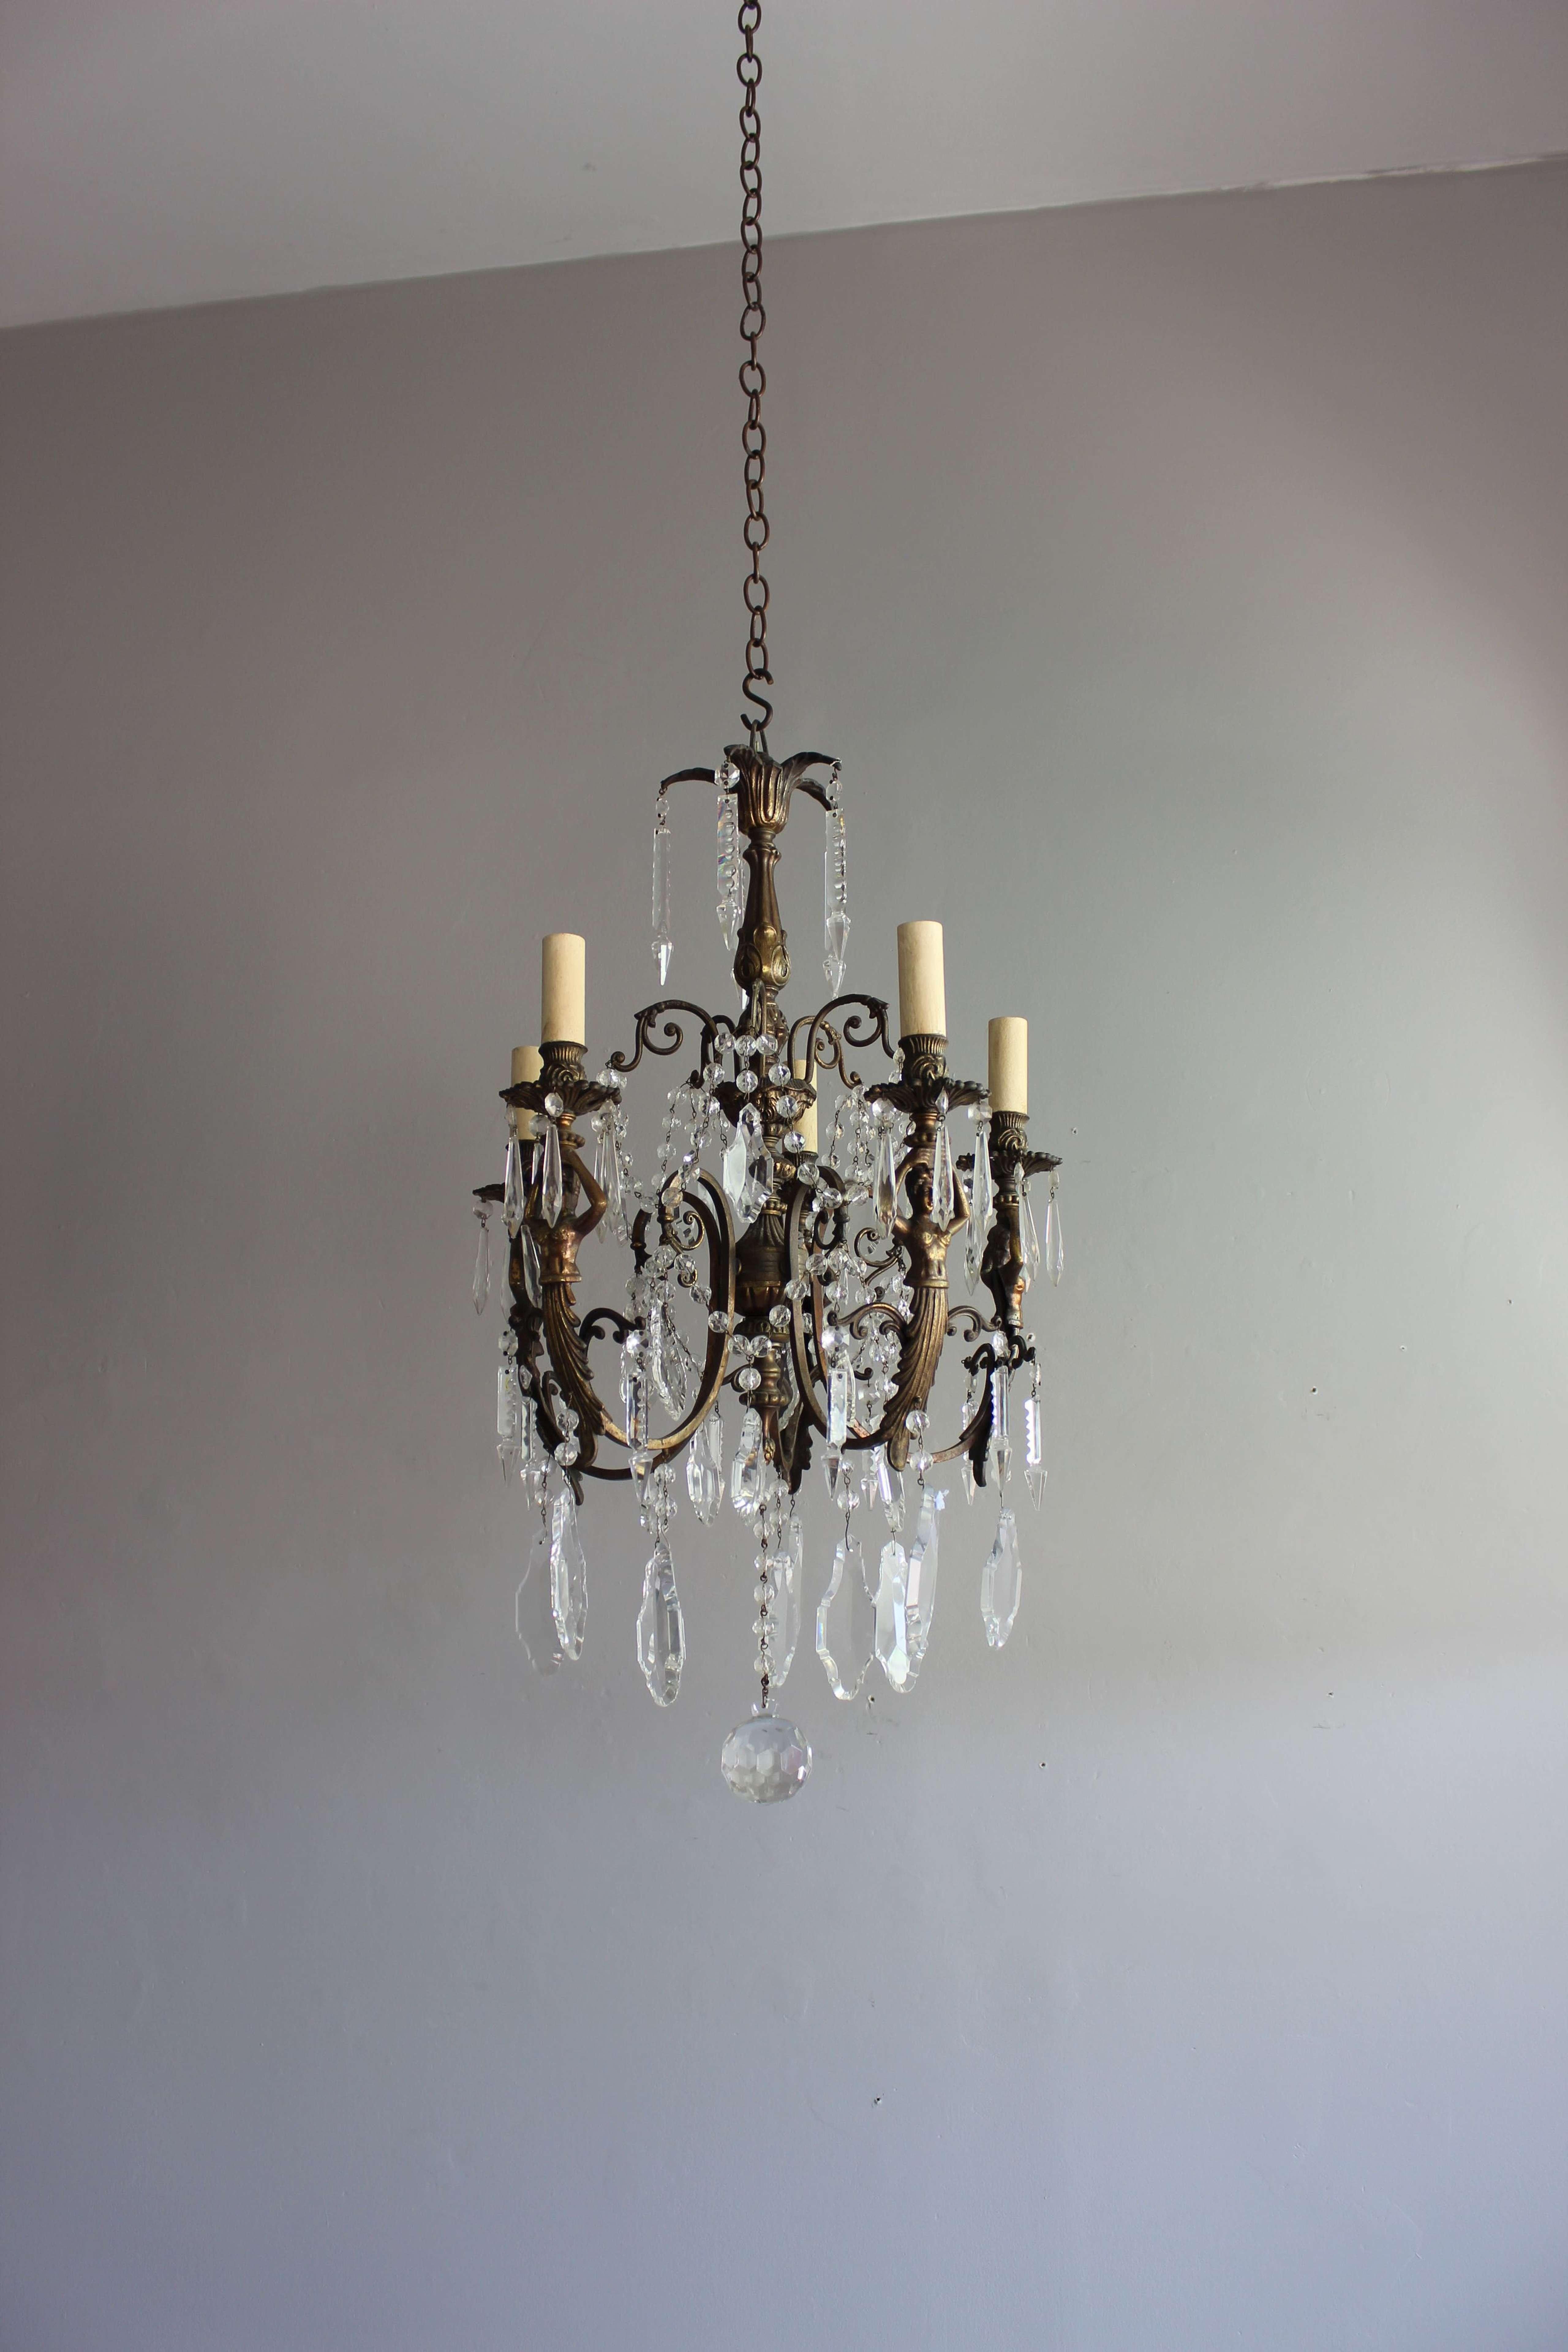 Antique chandelier in the Greek revival manner